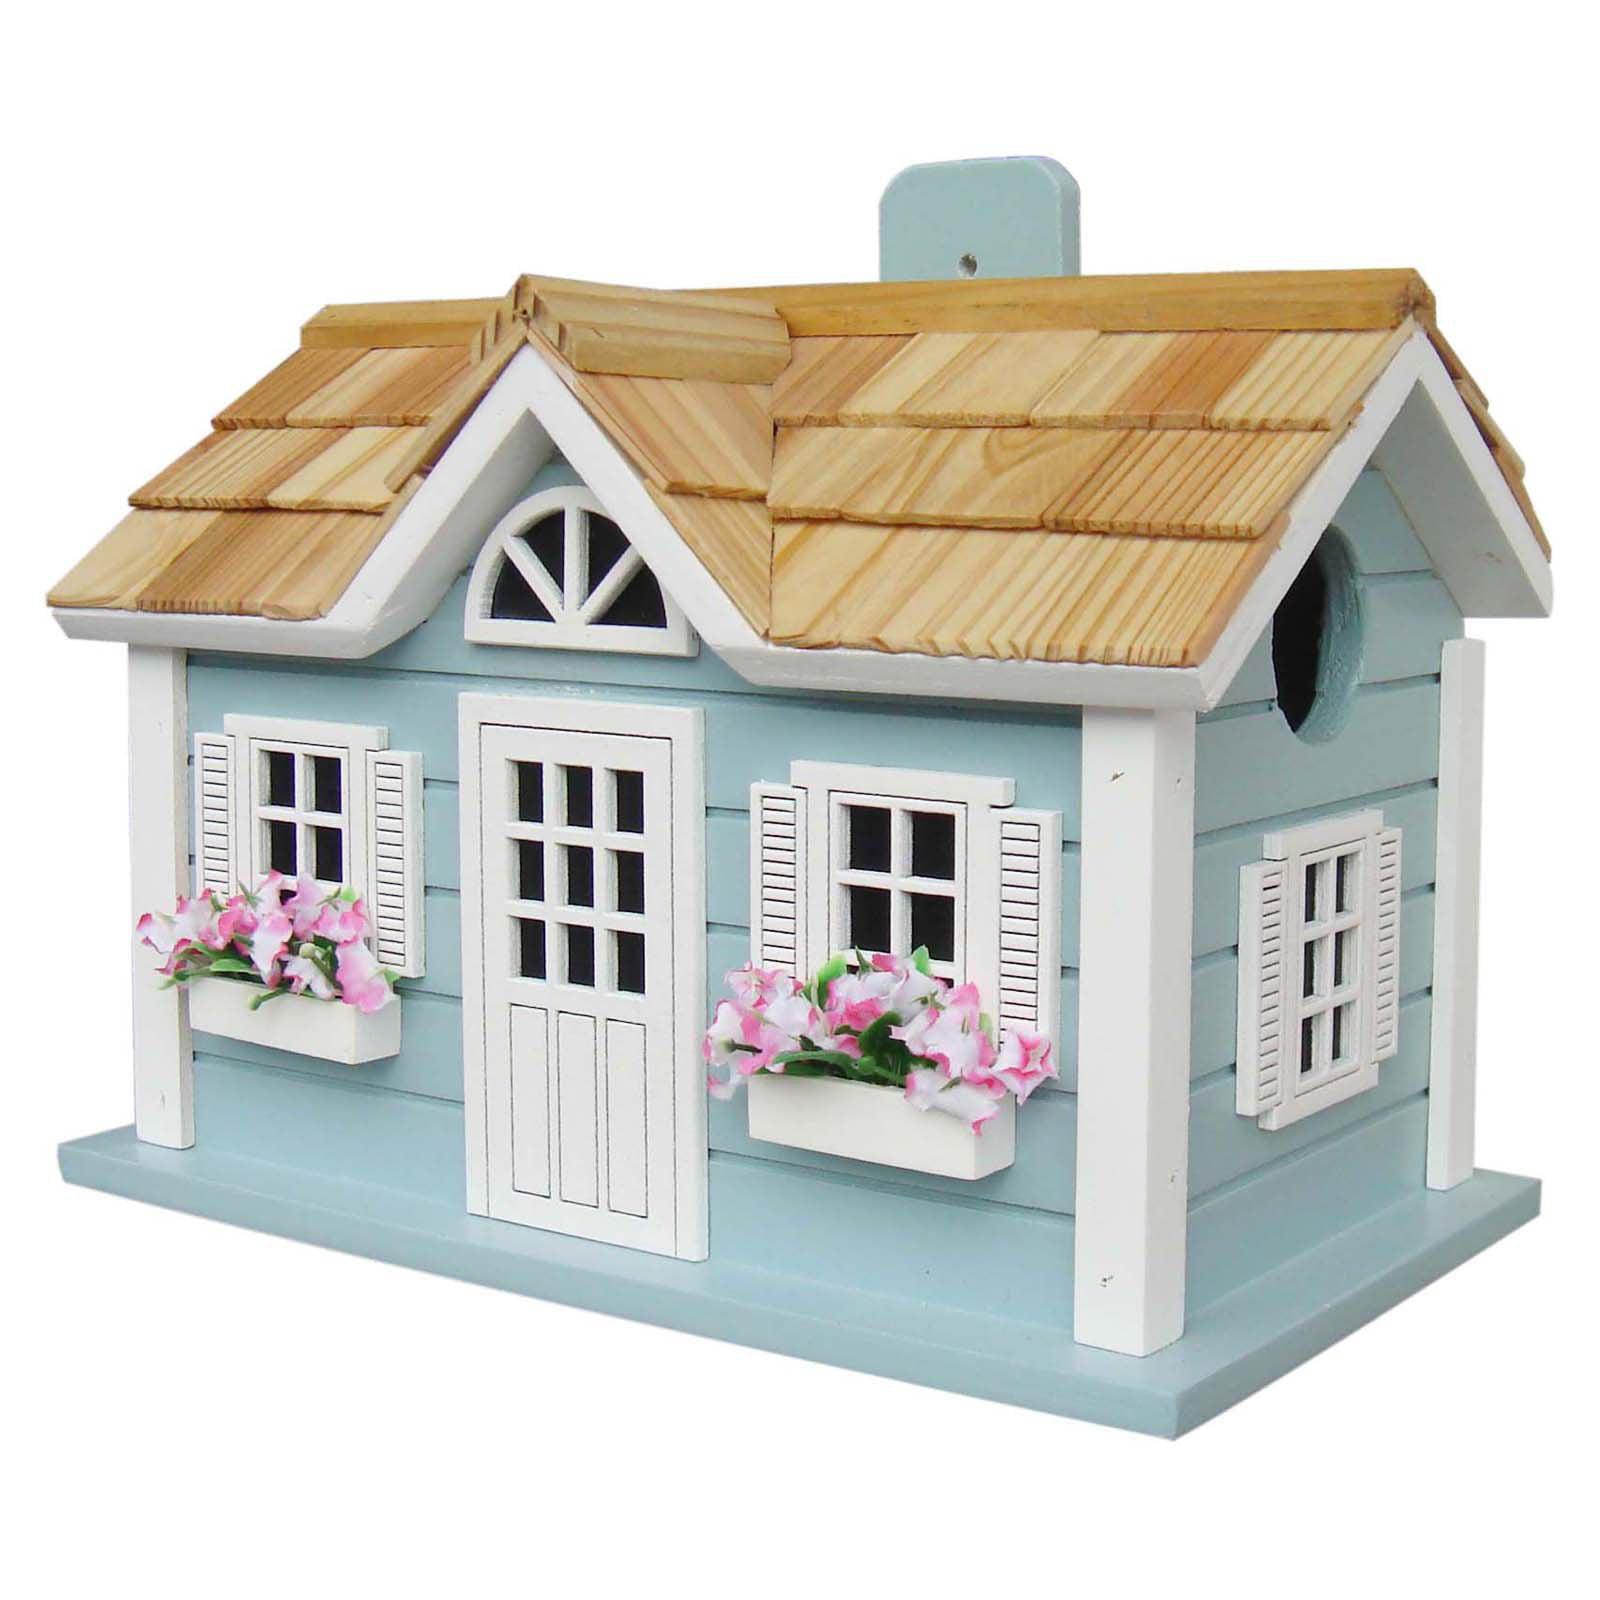 Home Bazaar Nantucket Cottage Birdhouse by Home Bazaar Inc